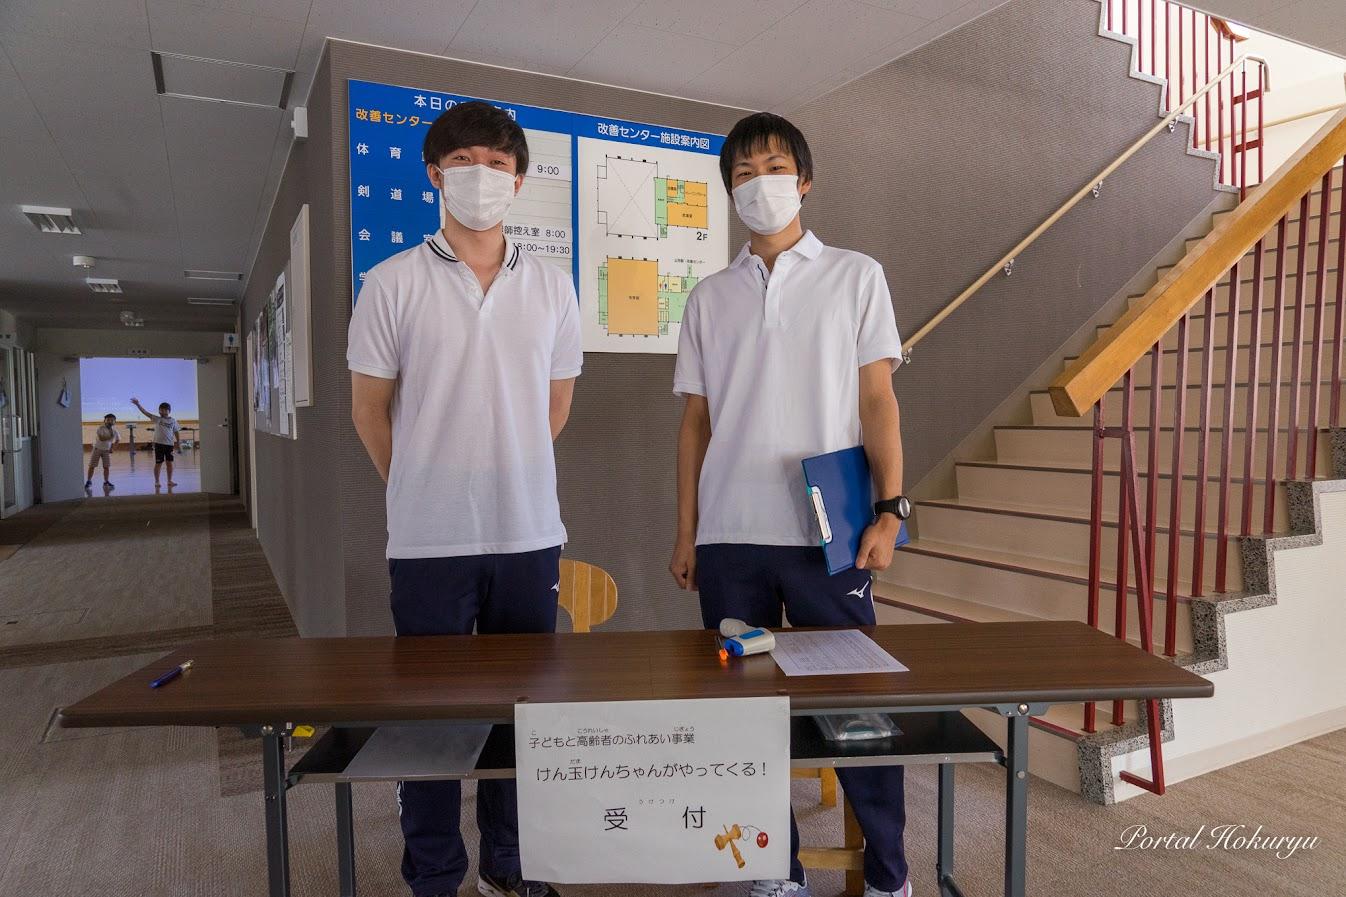 受付で検温実施:北竜町教育委員会職員・岸直樹さん(右)、清水野梨希さん(左)